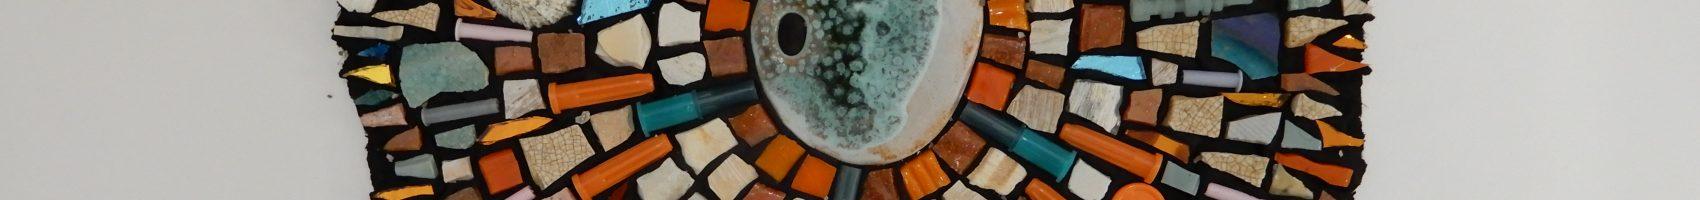 Make a mosaic abstract